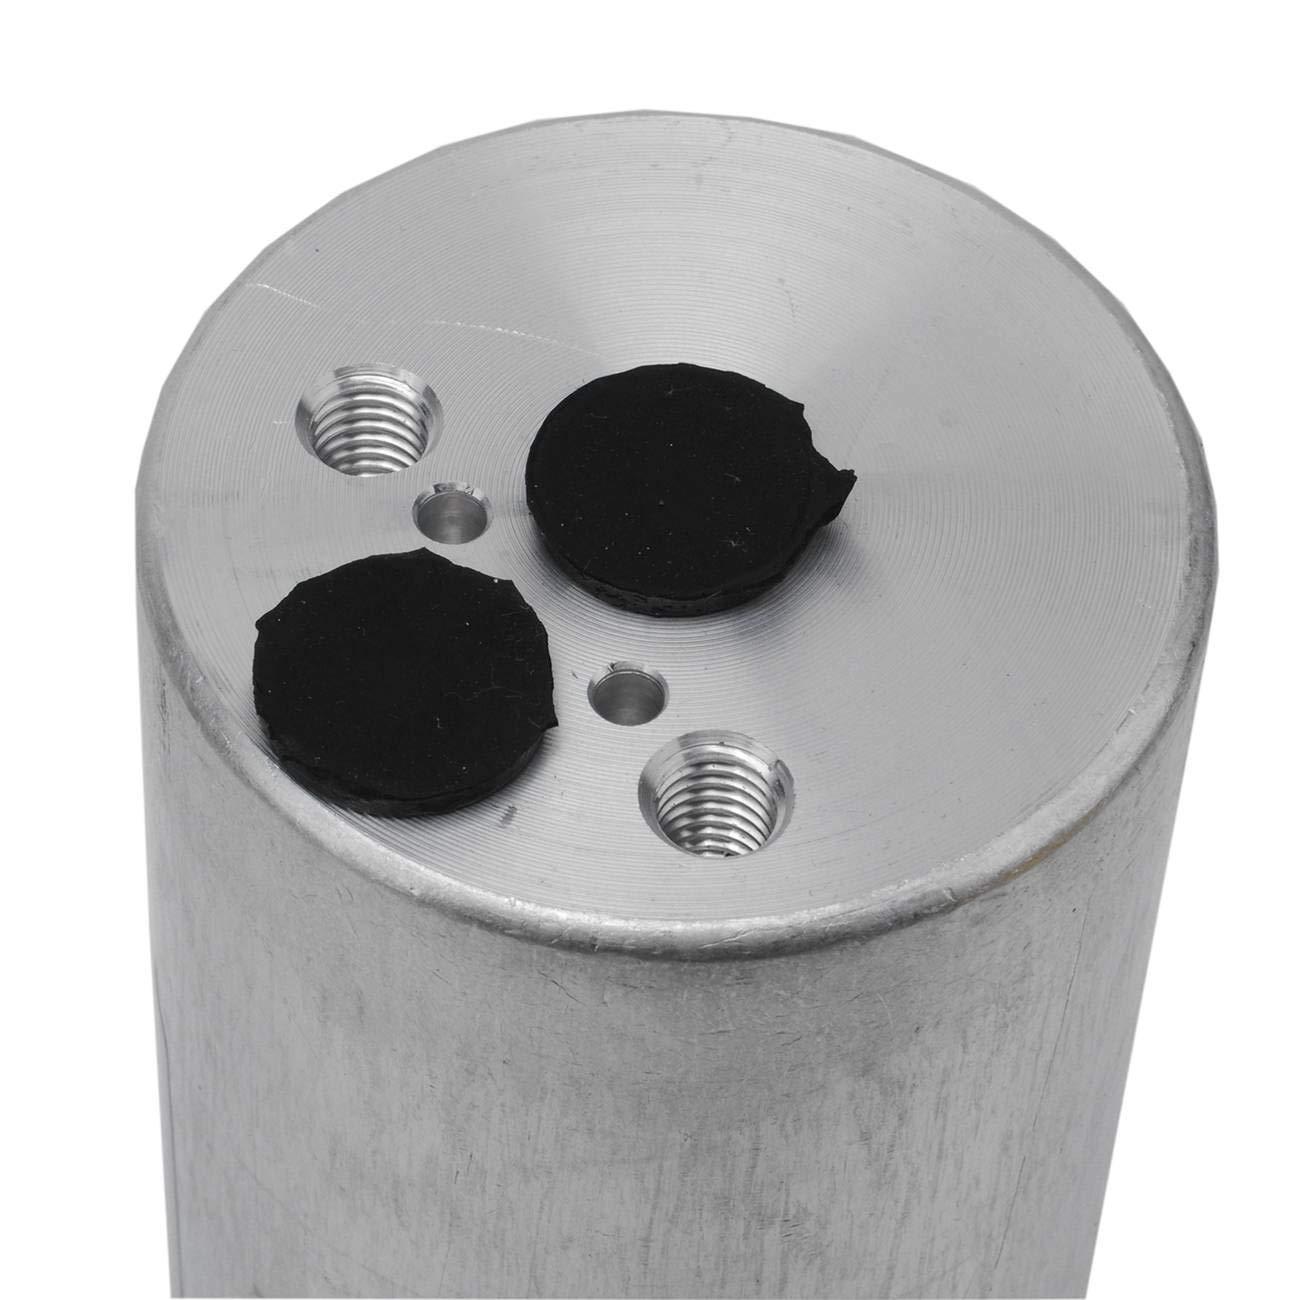 Deebior 1pc AC Receiver Drier Air Condition For BMW 323Ci 323i 325Ci 325i 325xi 328Ci 328i 328is 330Ci 330i 330xi 525i 528i 530i 540i 740i 740iL 750iL M3 M5 X3 Z4 E38 E39 E46 E83 E85 E86